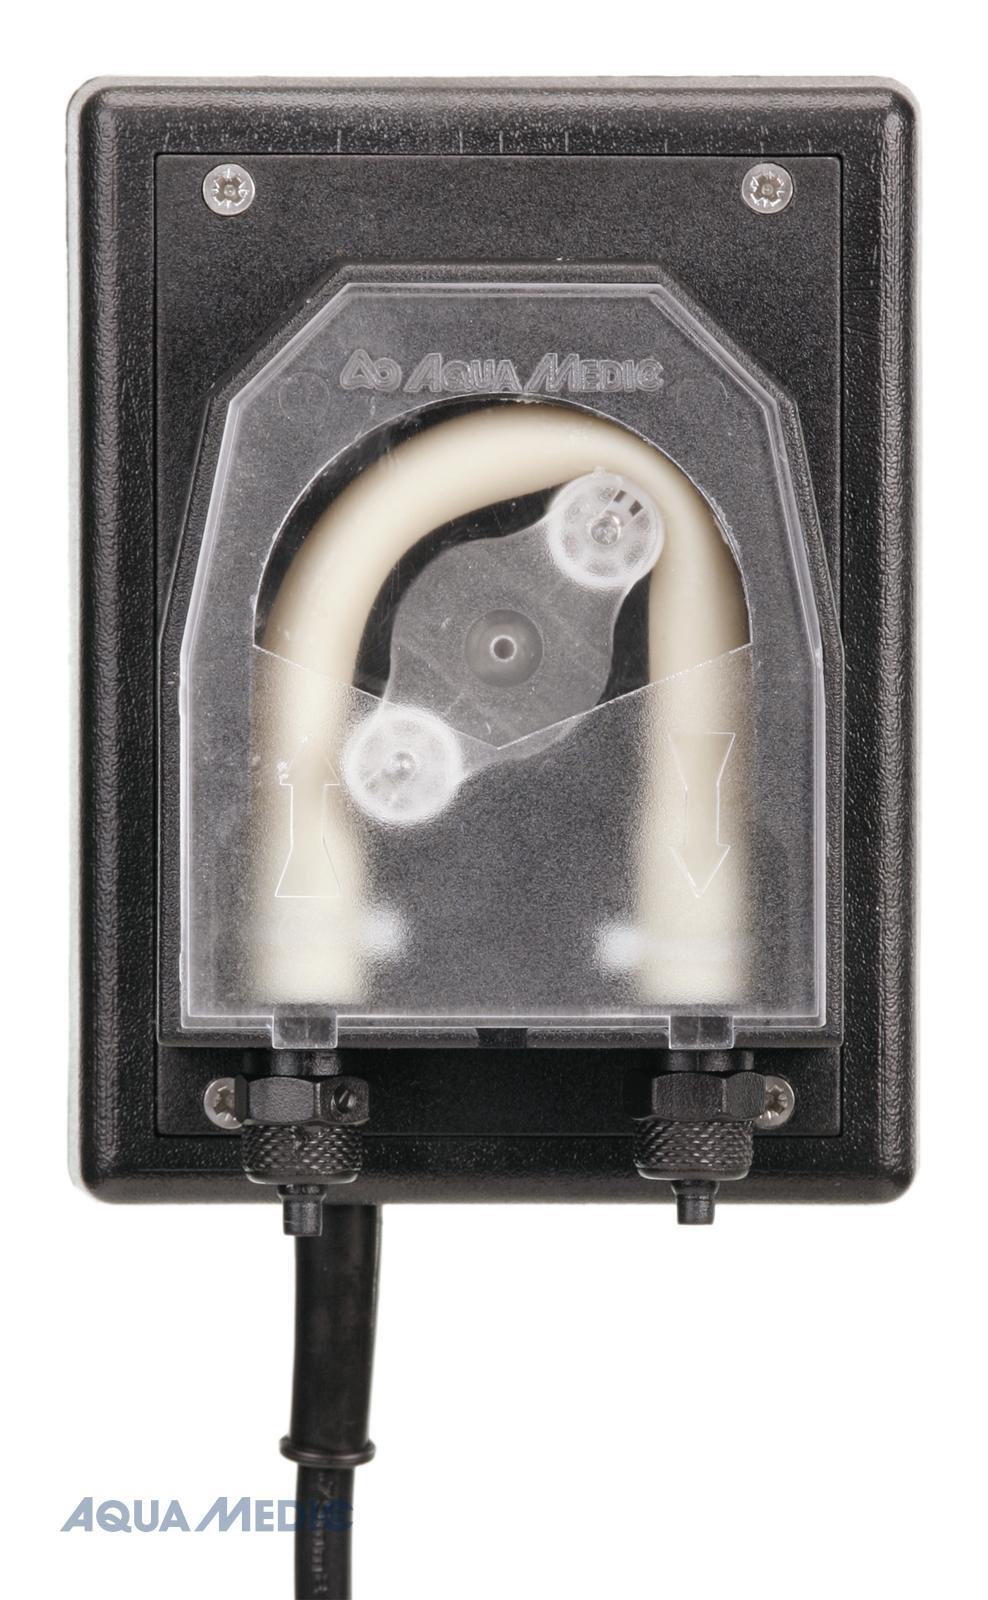 Dosierpumpe SP 1500 - Dosierpumpe, Schlauchpumpe zur Förderung kleiner Wassermengen